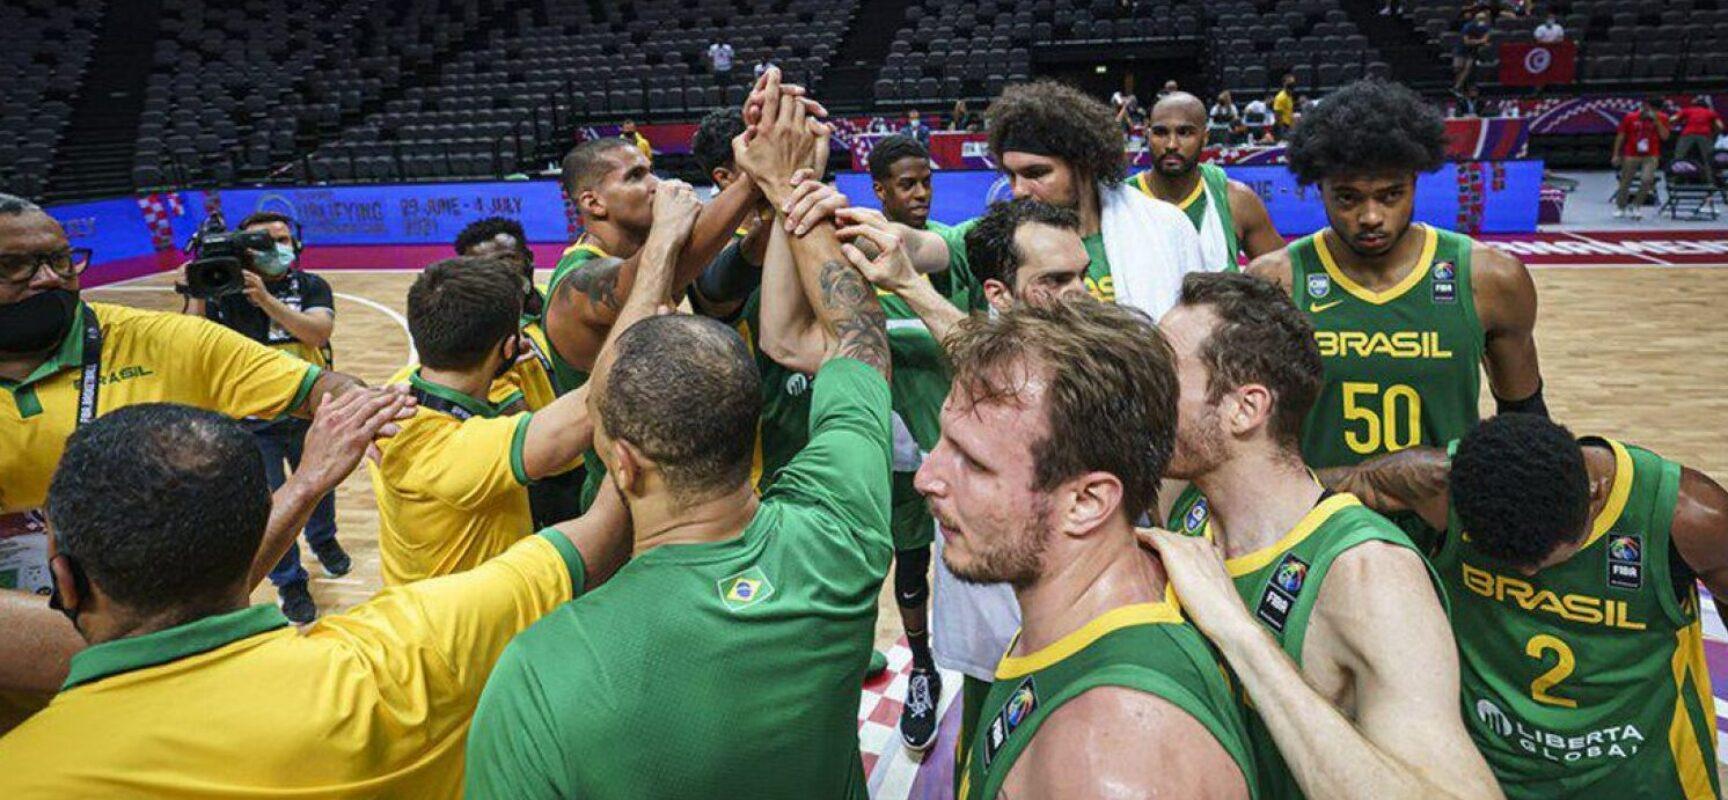 Brasil perde para a Alemanha no Pré-Olímpico de basquete e não consegue vaga para Tóquio